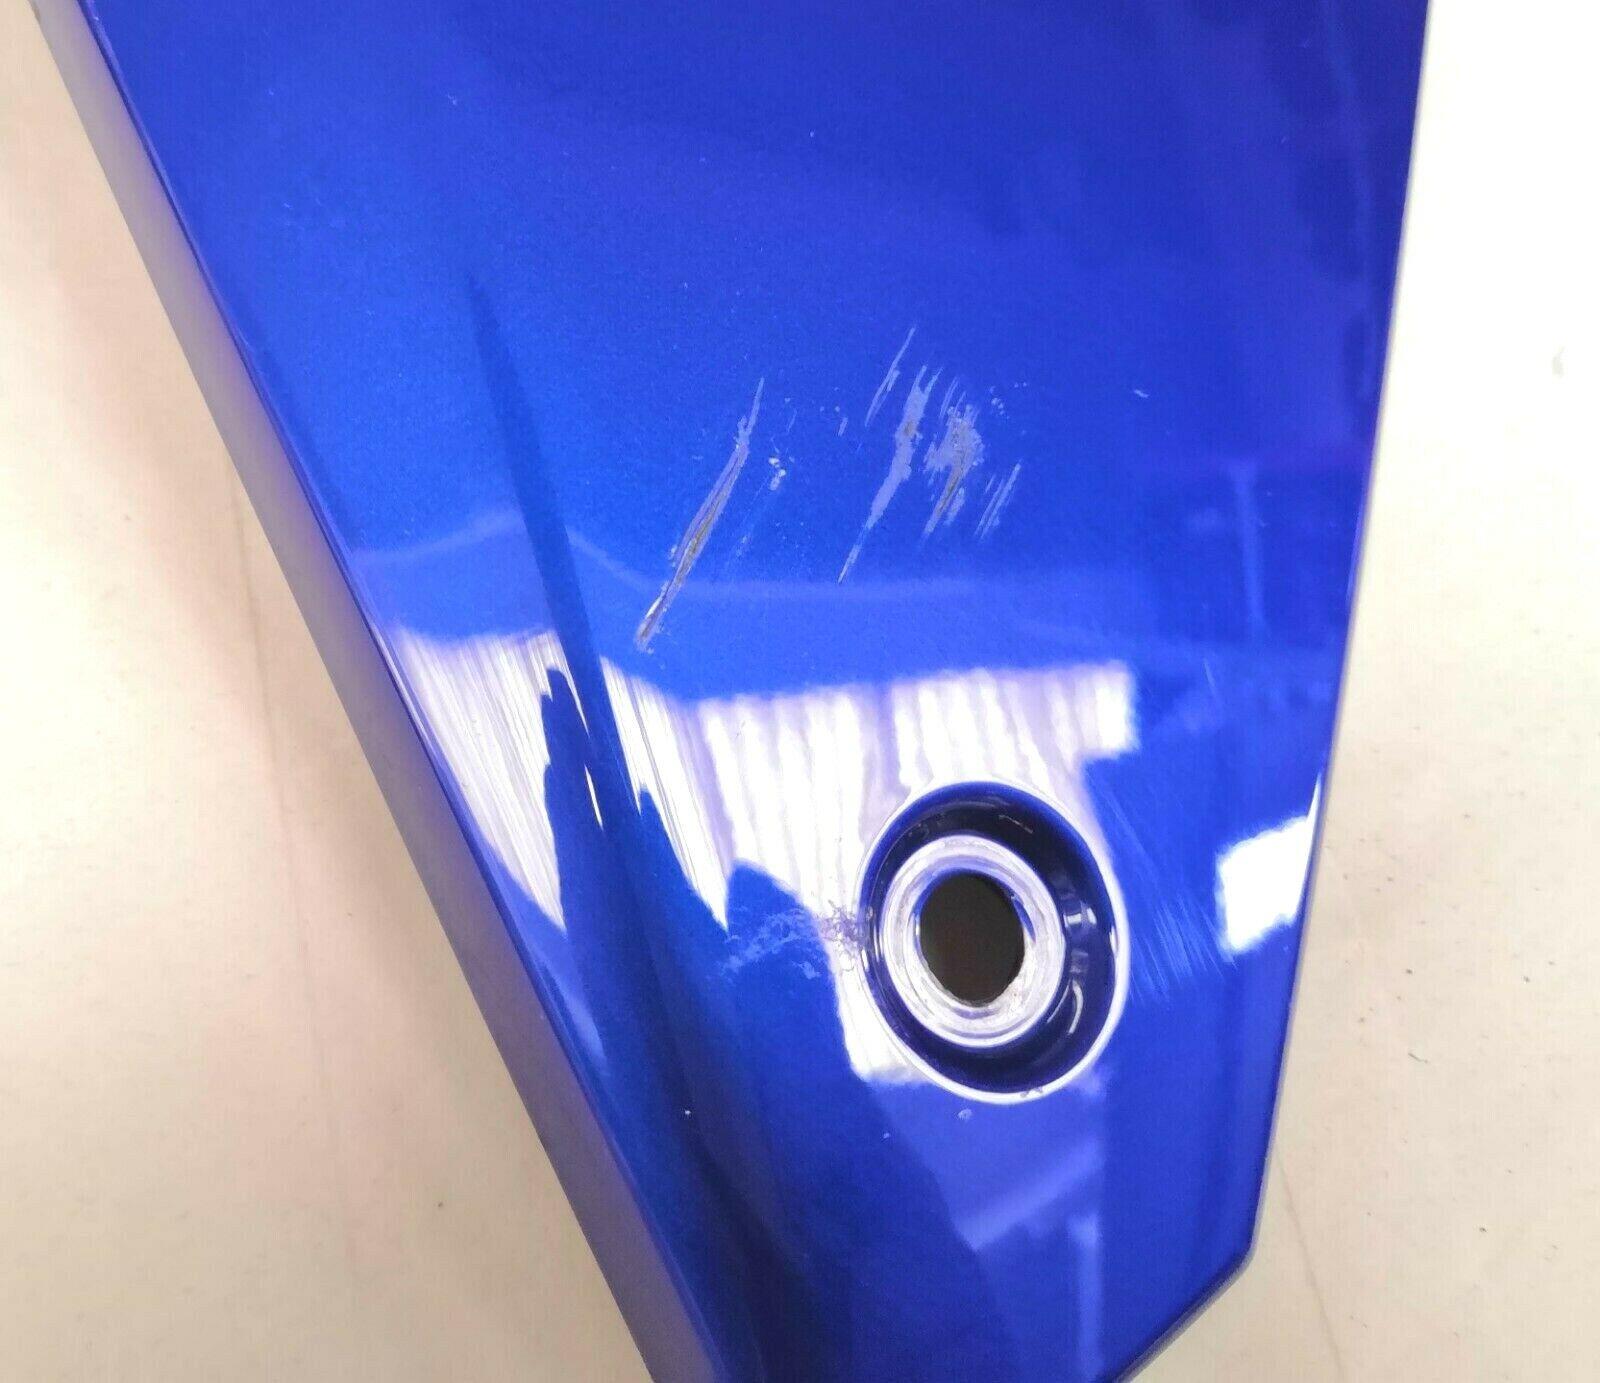 Carénage gauche original yamaha mt-07 tracer 700 2016 bleu surélevé